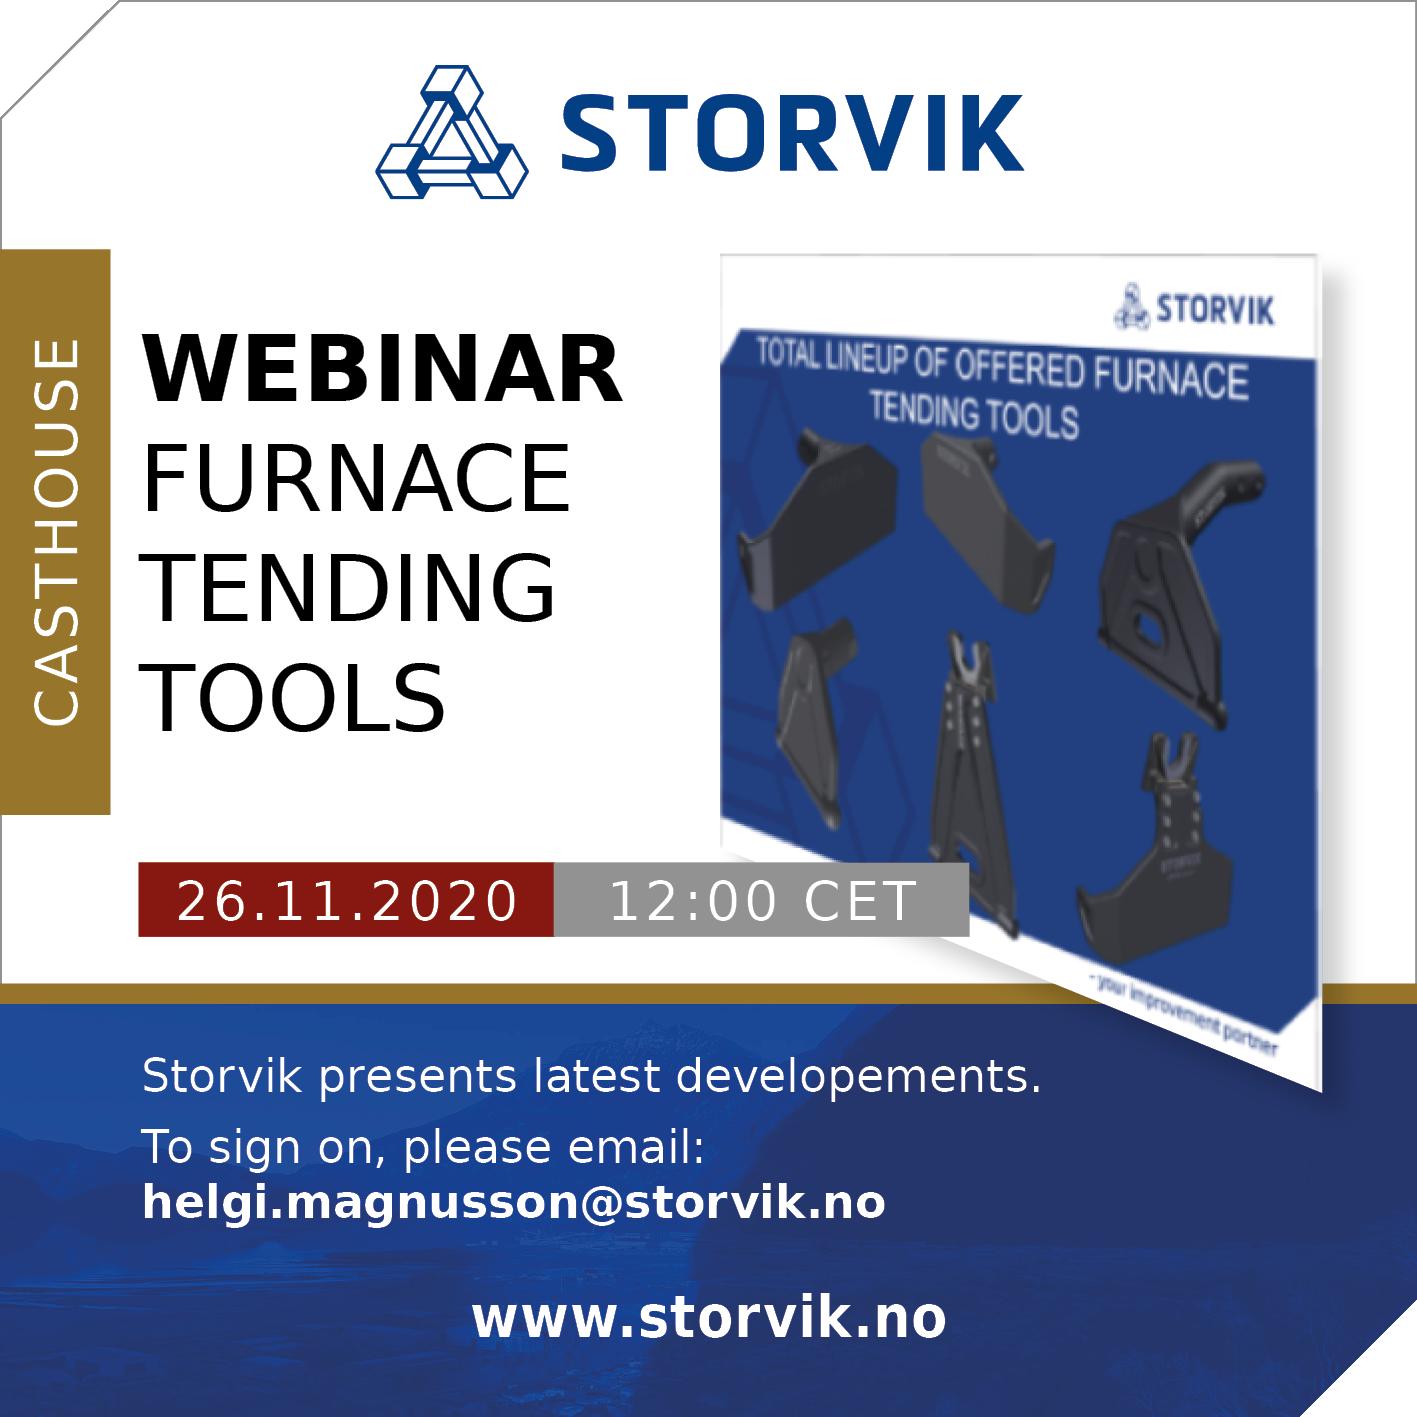 Webinar Furnace Tending Tools